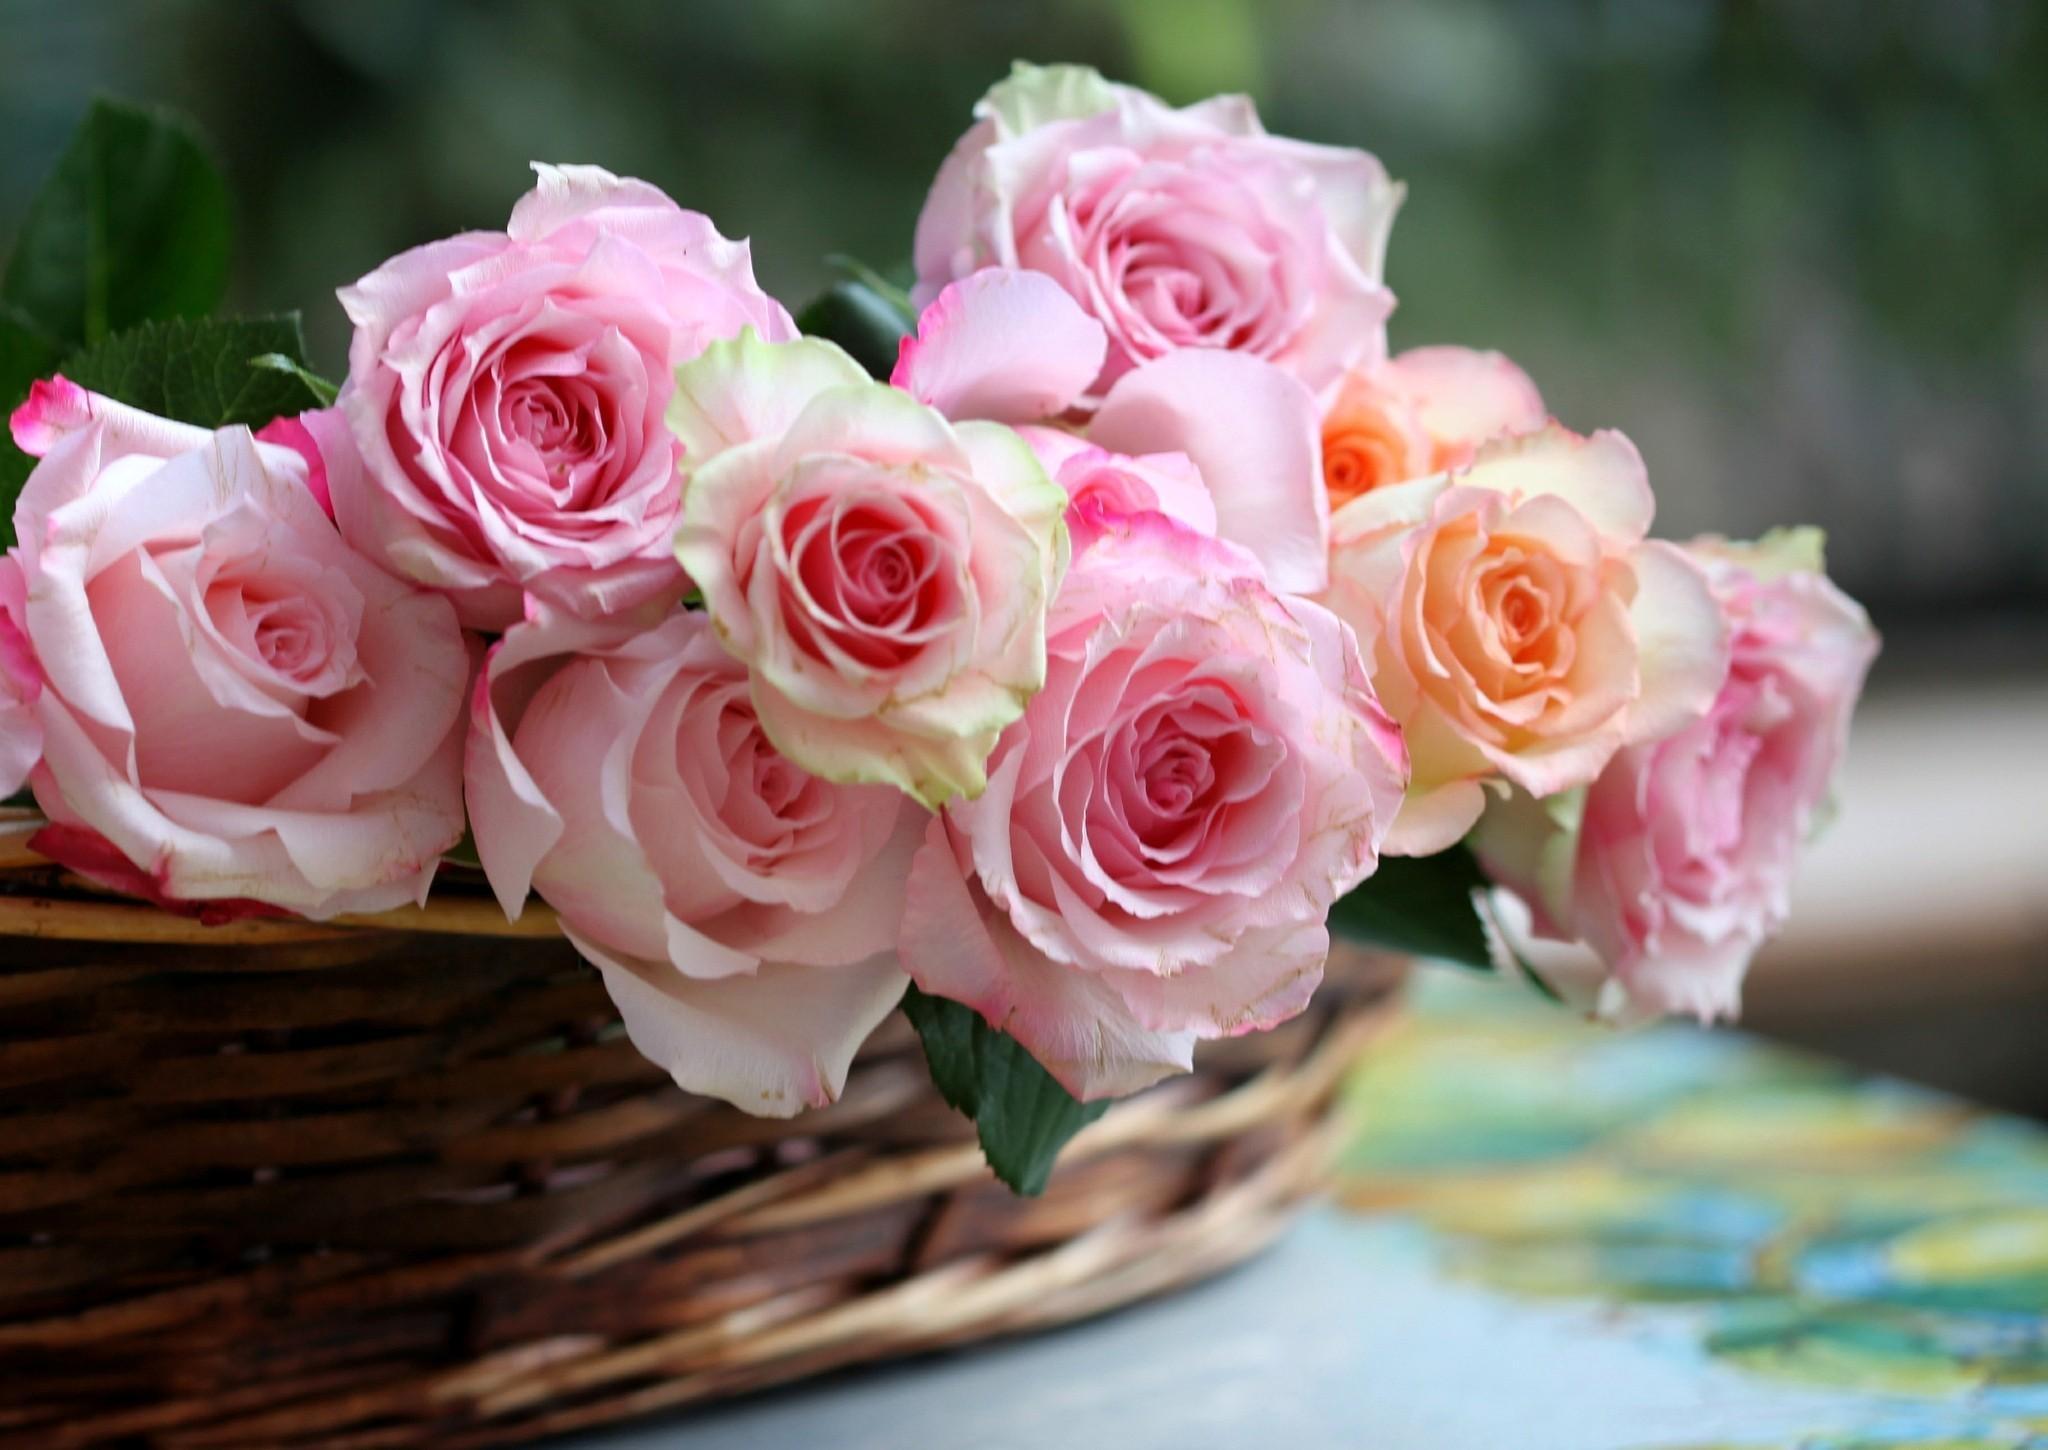 roses-basket-flowers-buds-648356.jpg